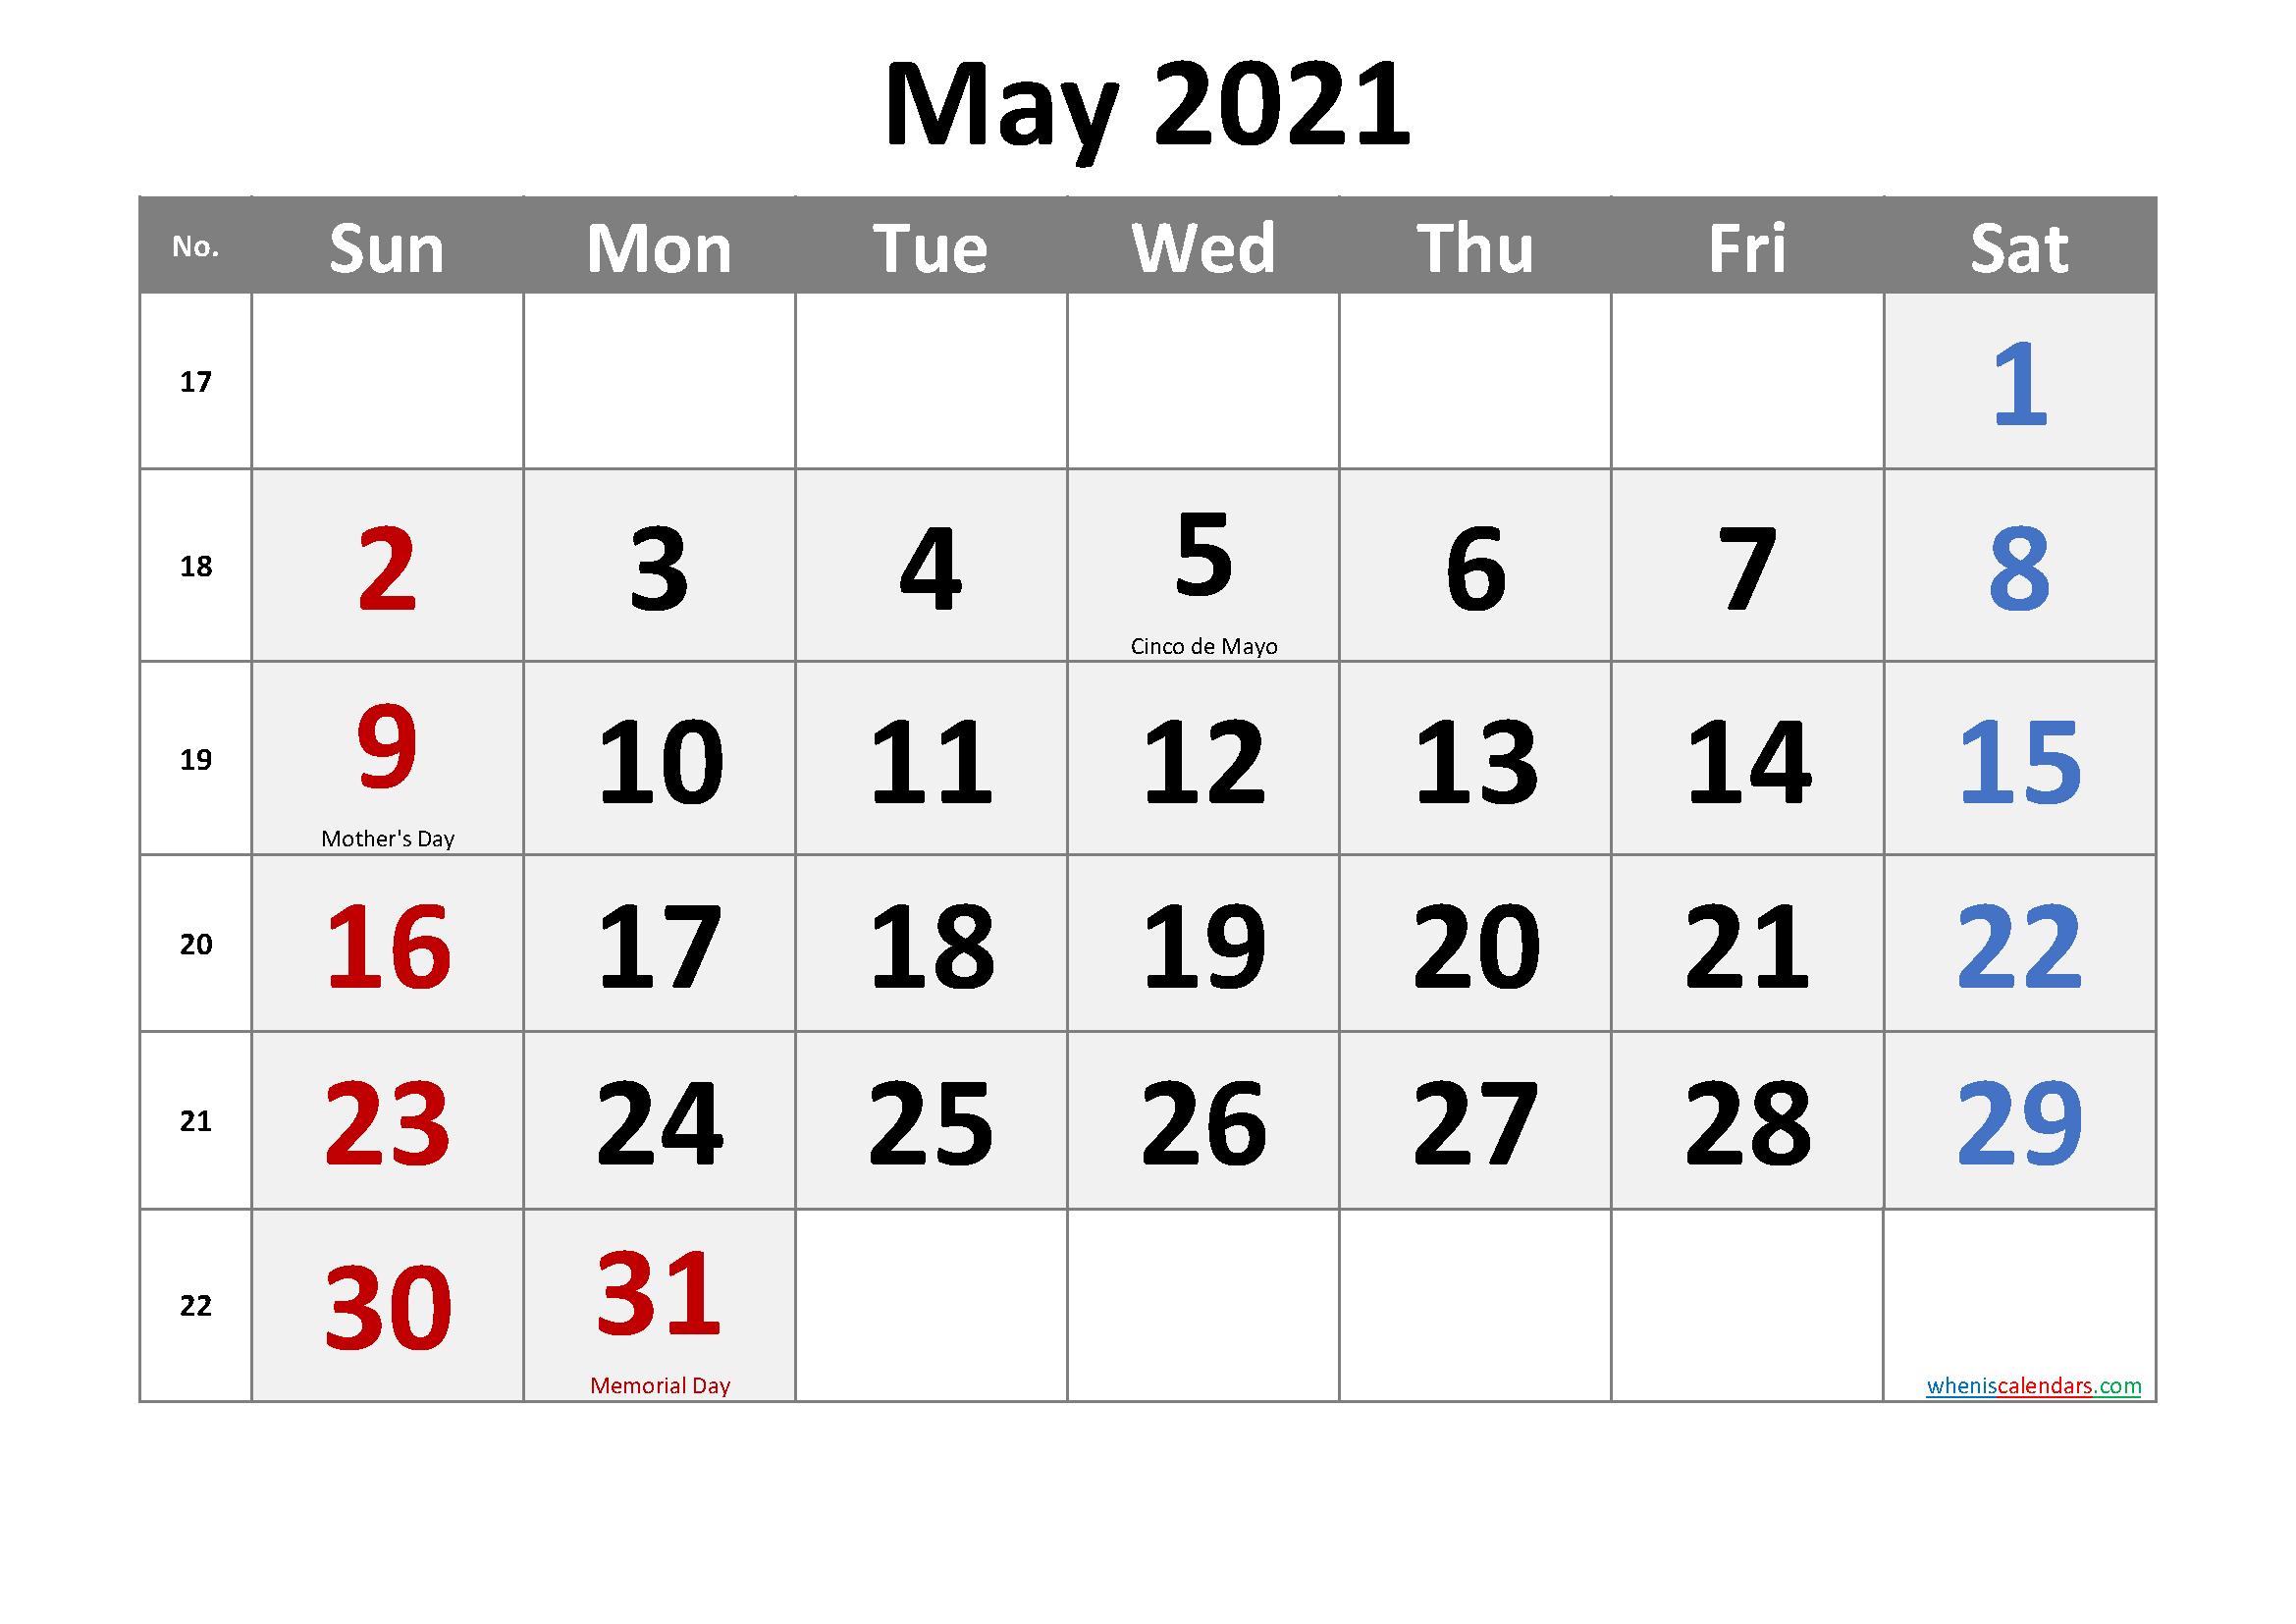 2021 Calendar Templates Editable By Word / 2021 Editable-Microsoft Word Calendar Template 2021